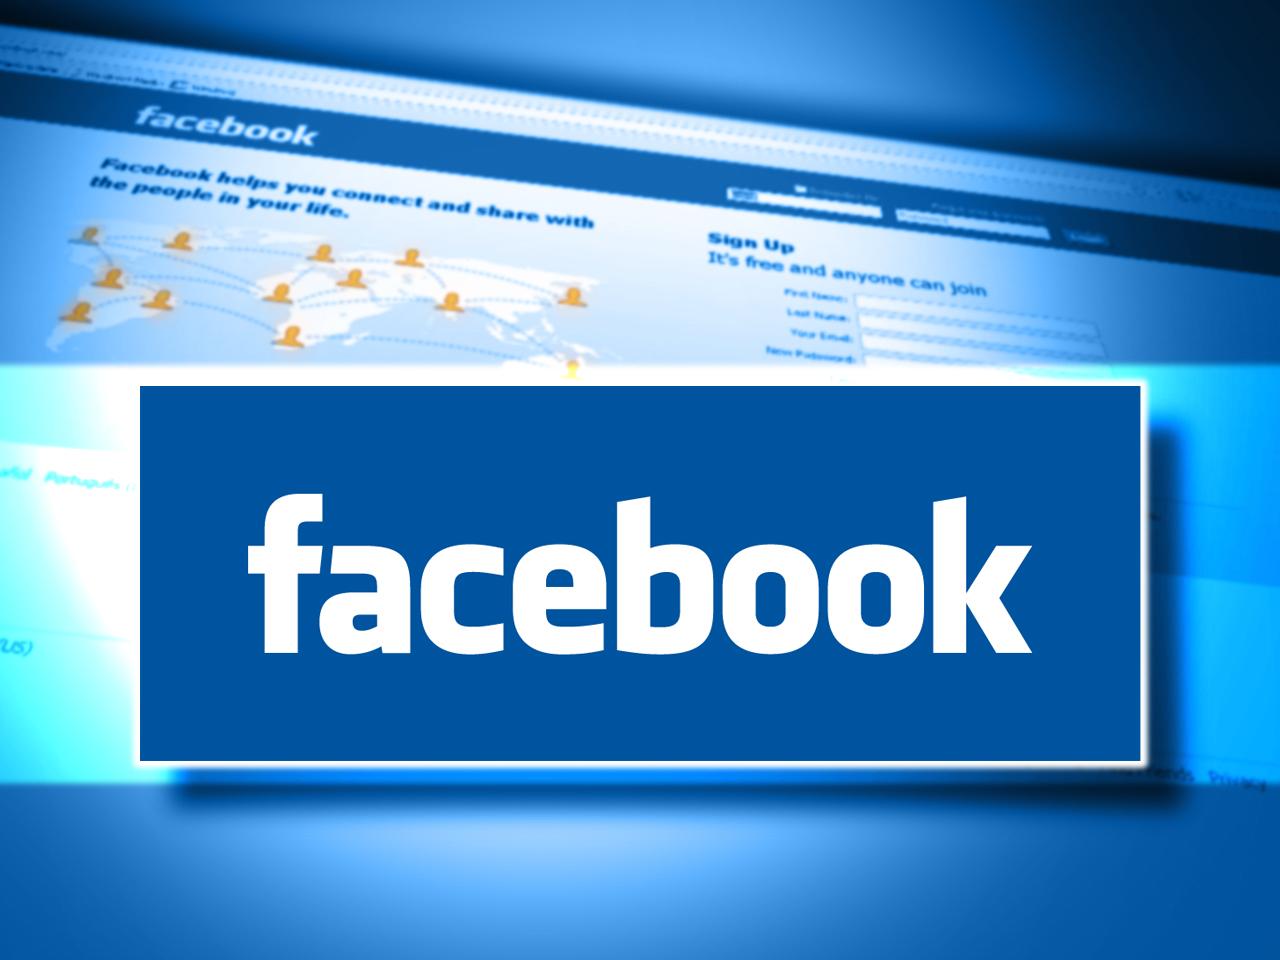 التسويق بإستخدام الفيسبوك